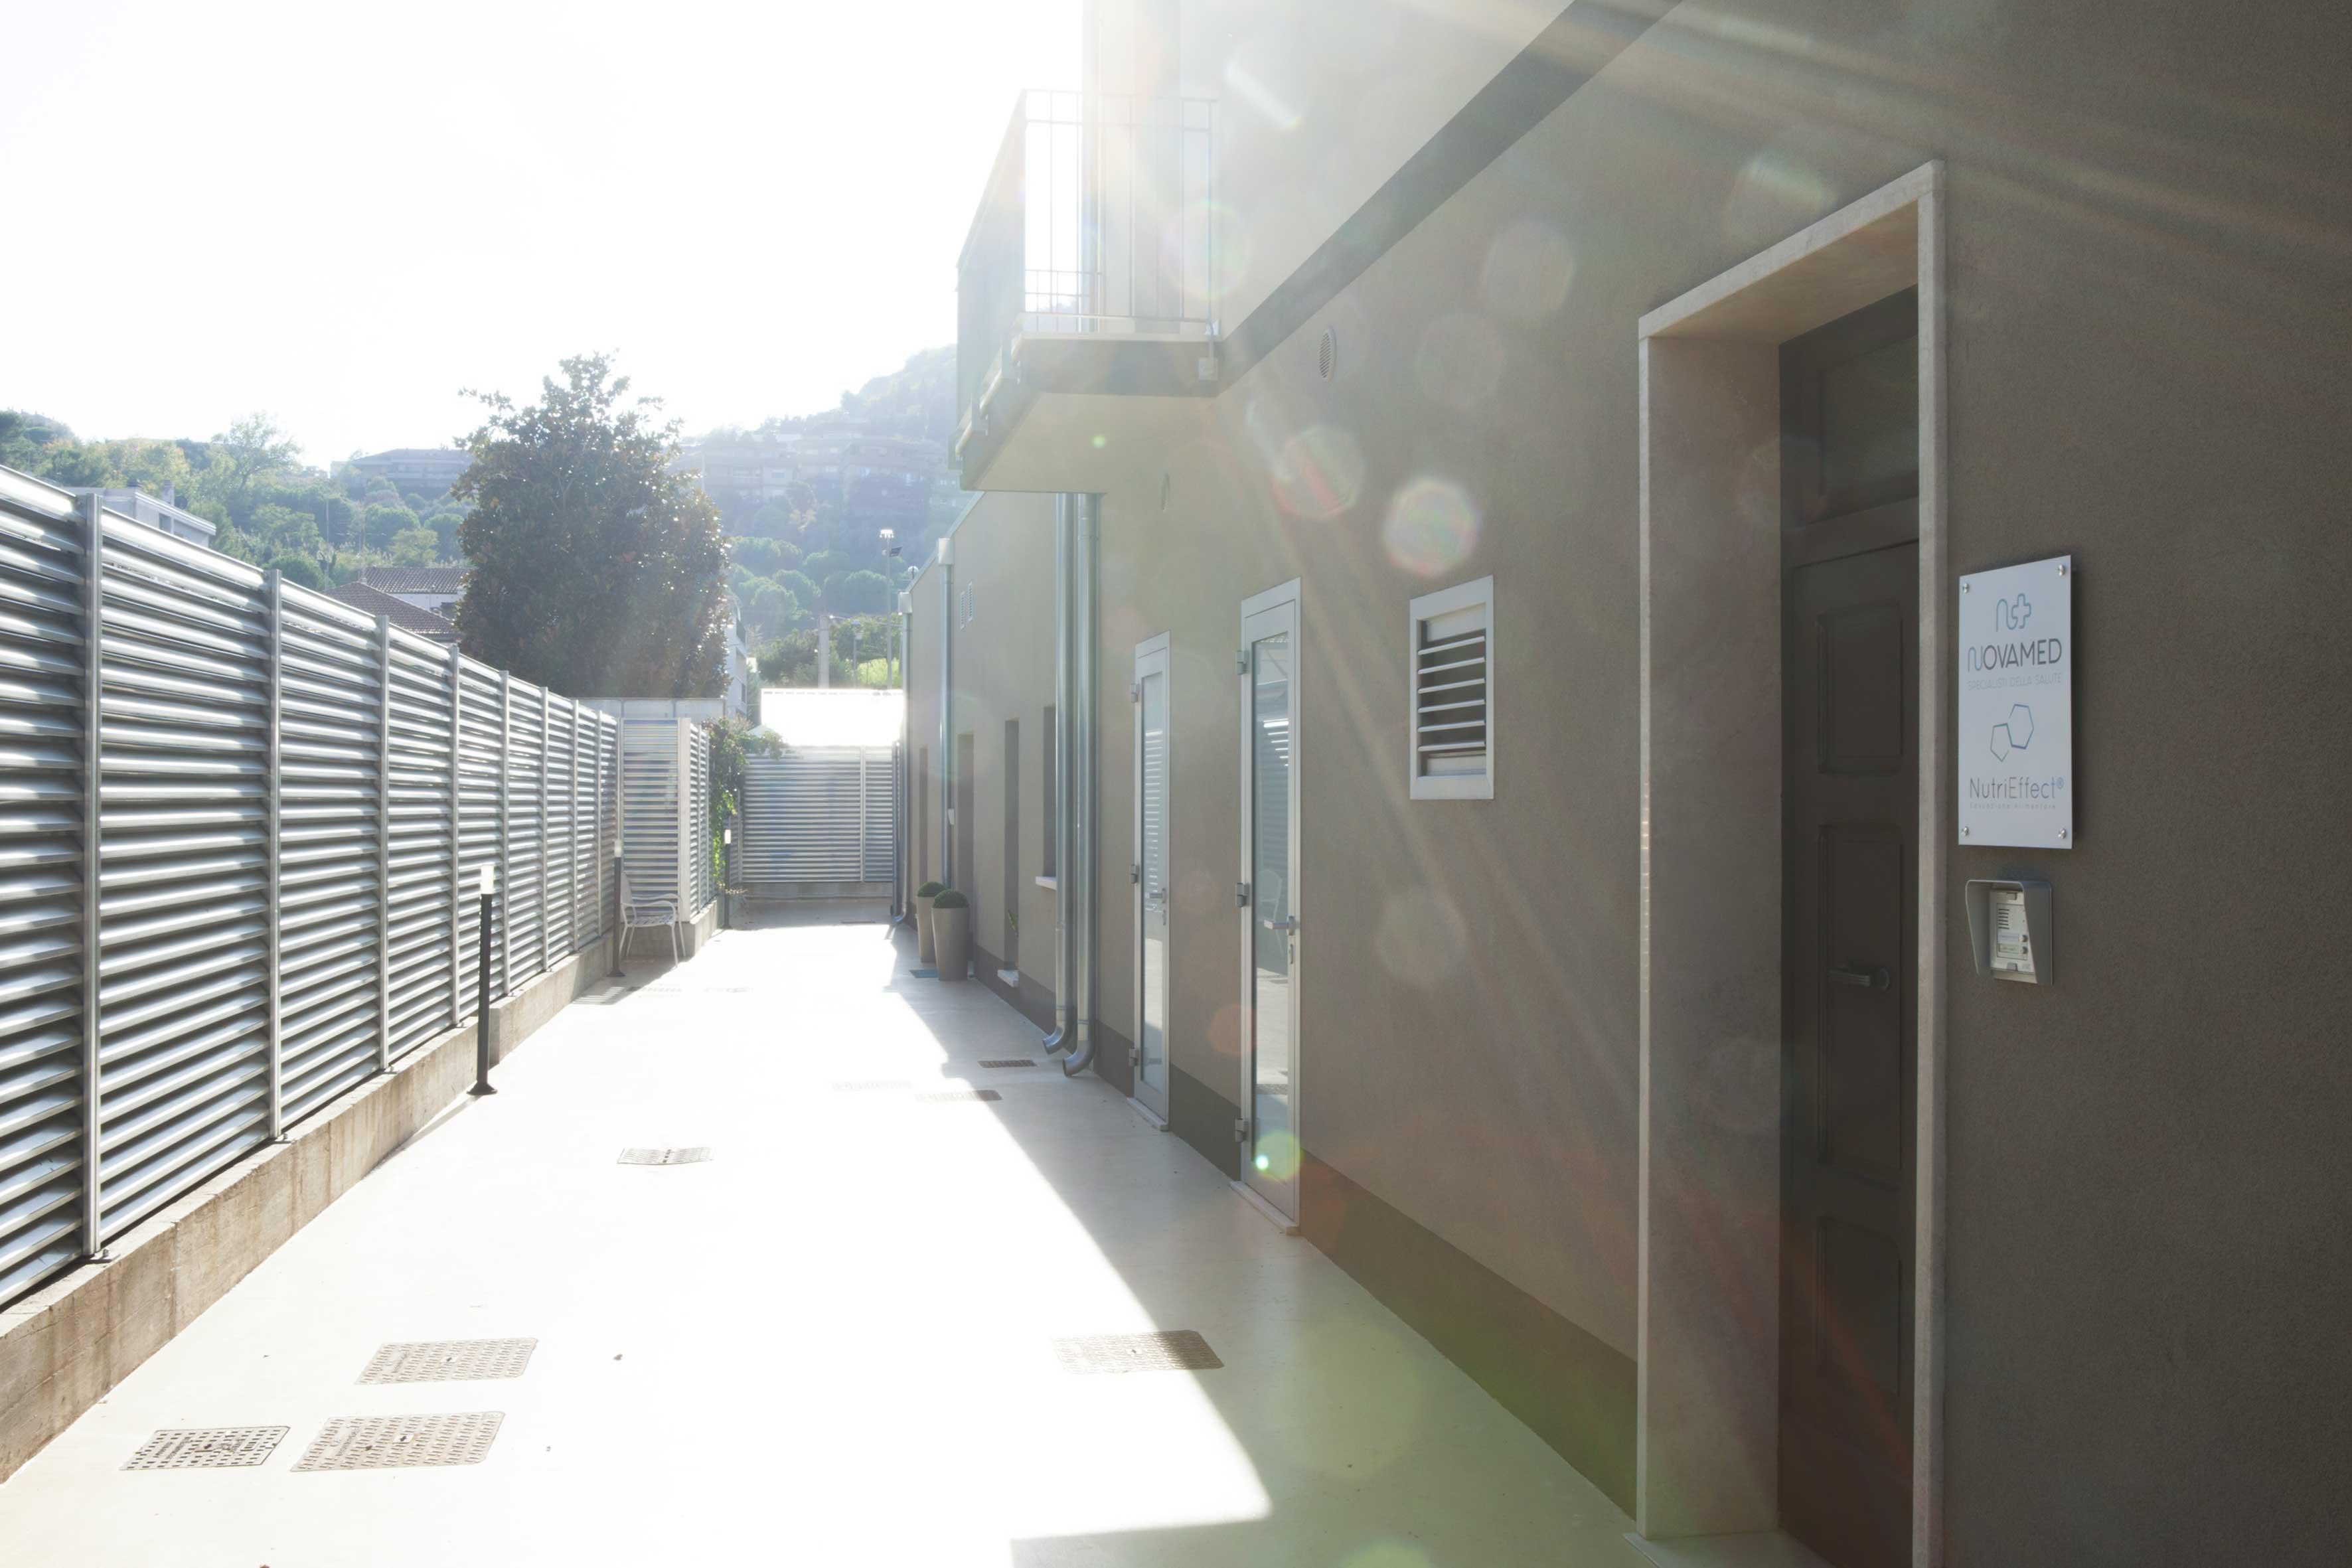 Studio Novamed - Specialisti della Salute Pescara